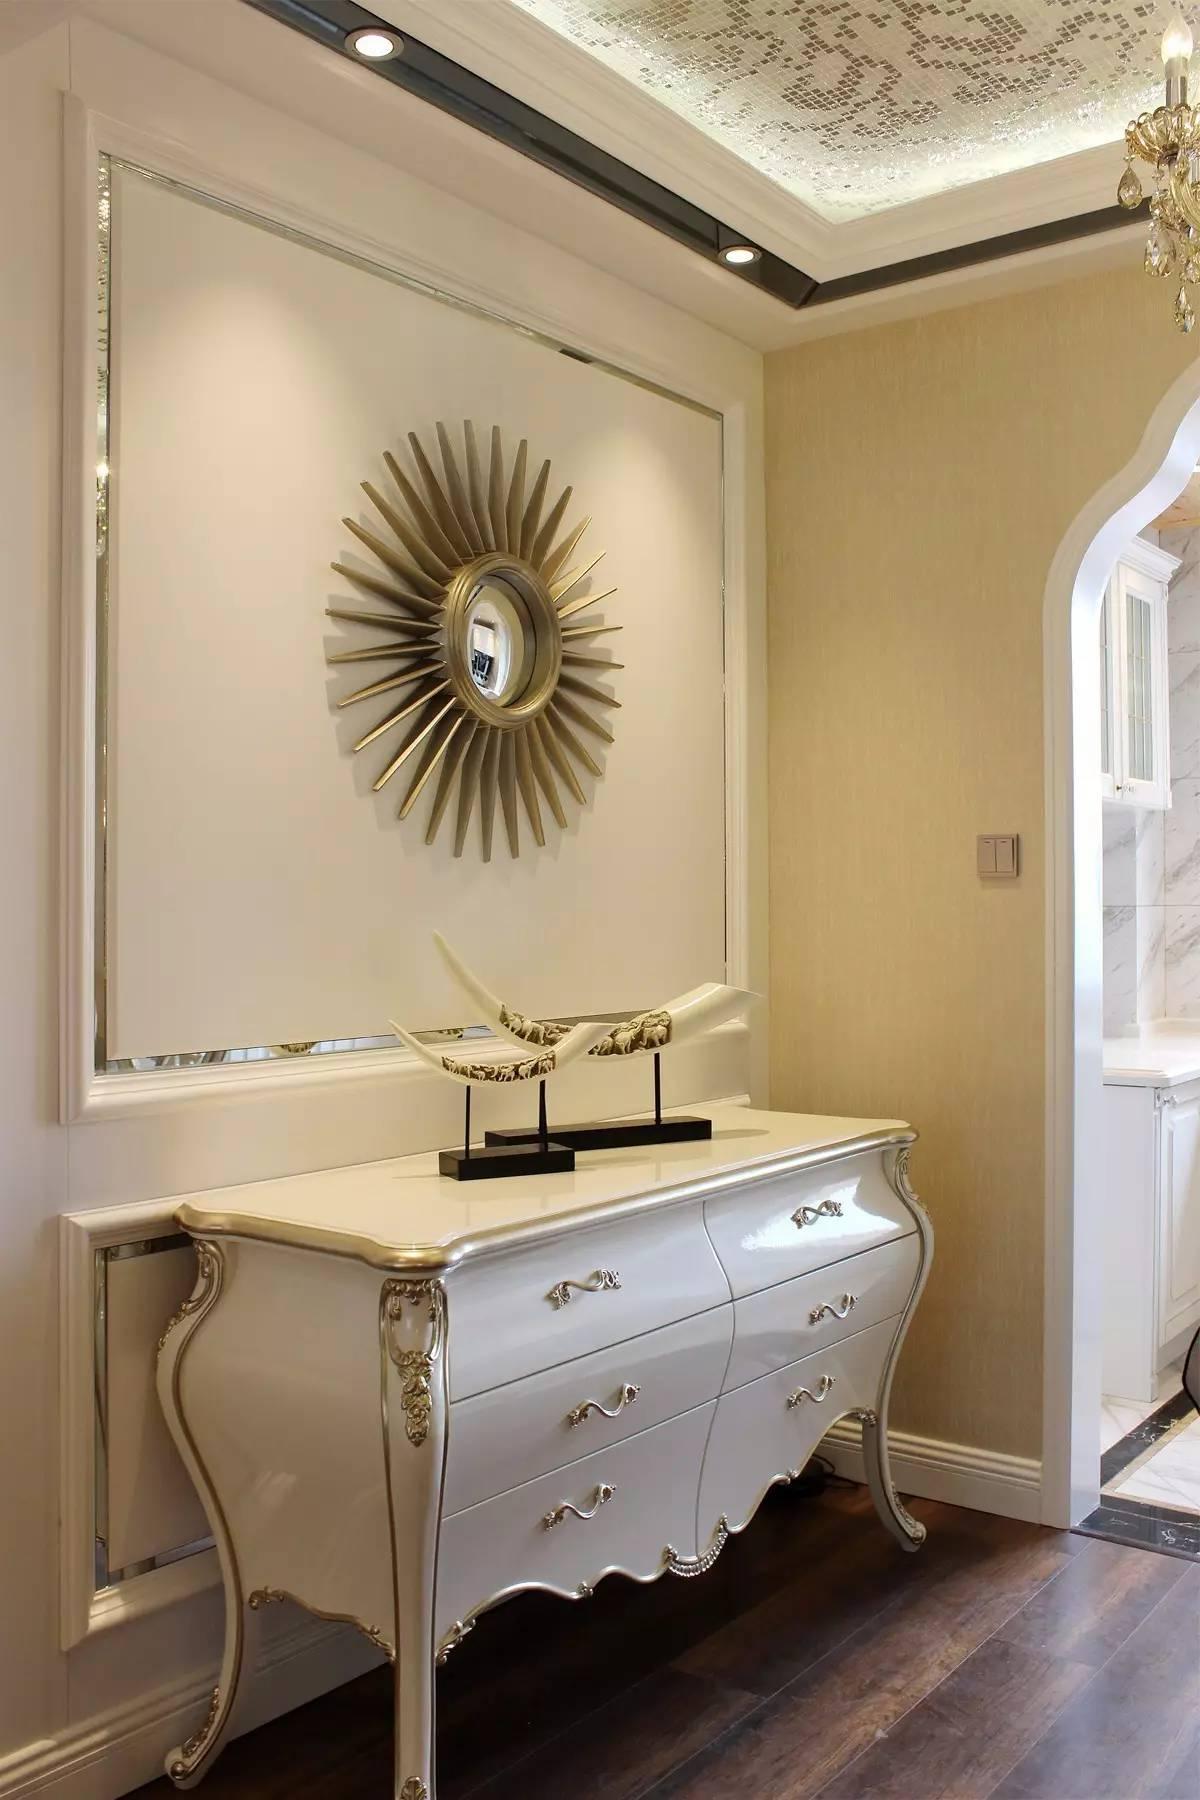 厨房以简约欧式的格调装修,而吊顶的木质感则是选择防水的桑拿板